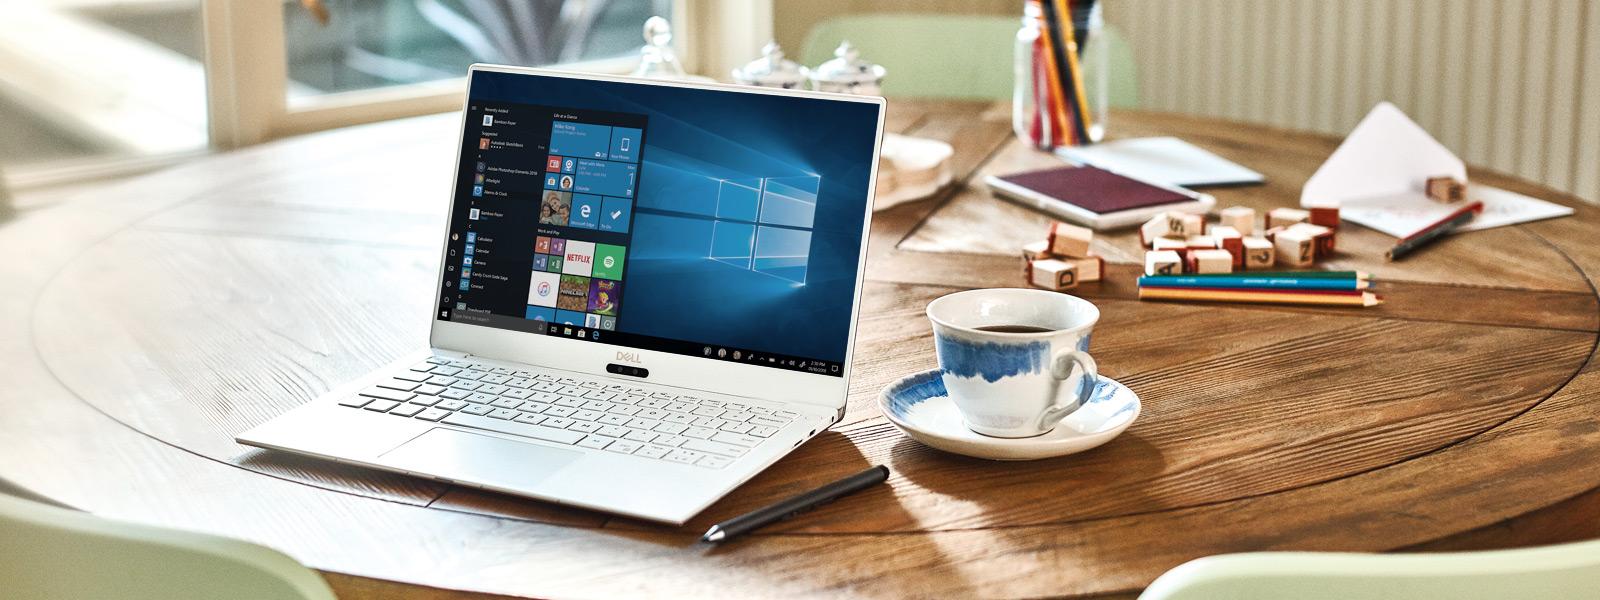 Počítač Dell XPS 13 9370 leží otevřený na stole se zobrazenou úvodní obrazovkou Windows 10.